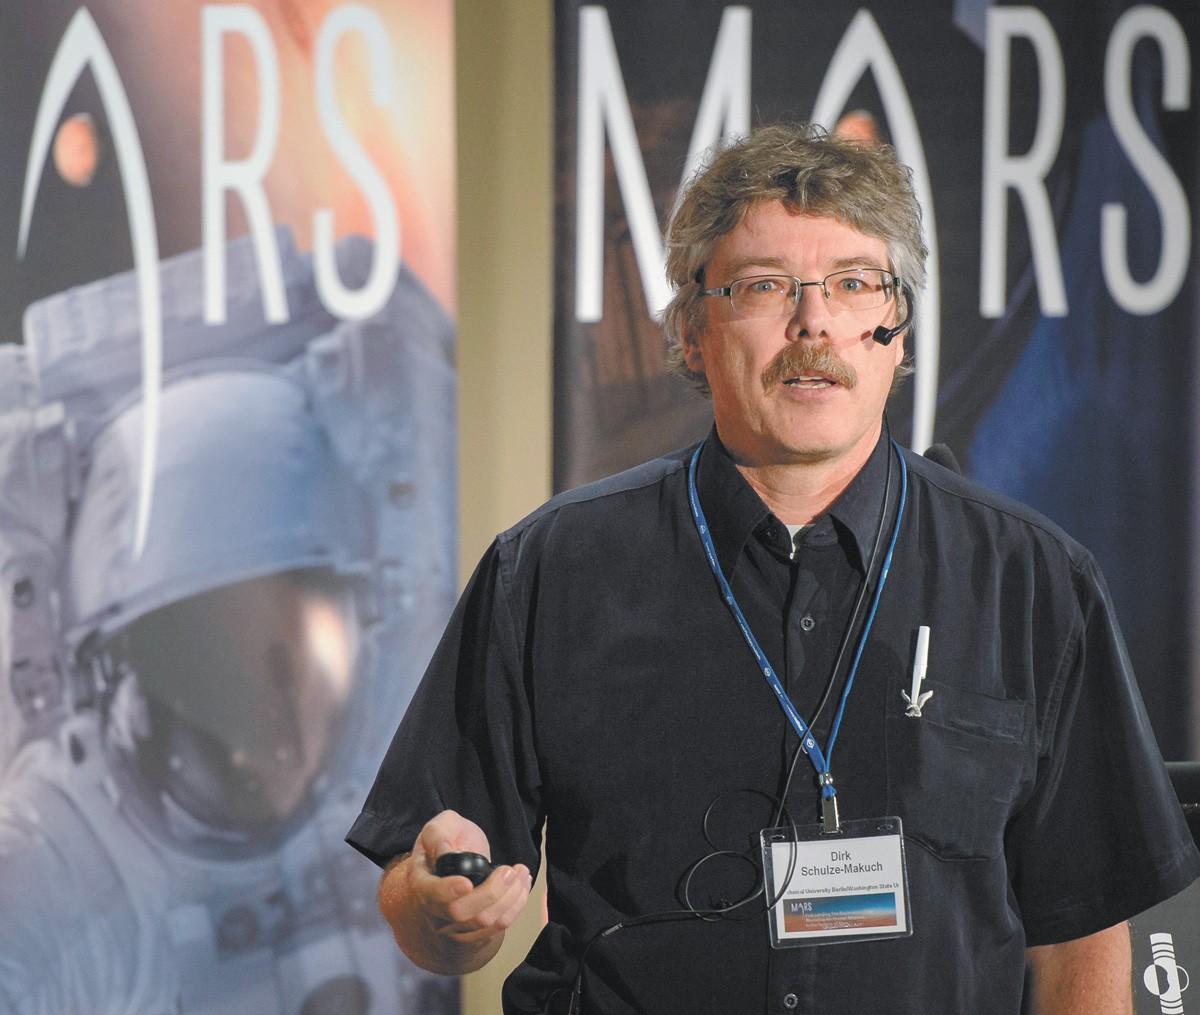 Dirk Schulze-Makuch